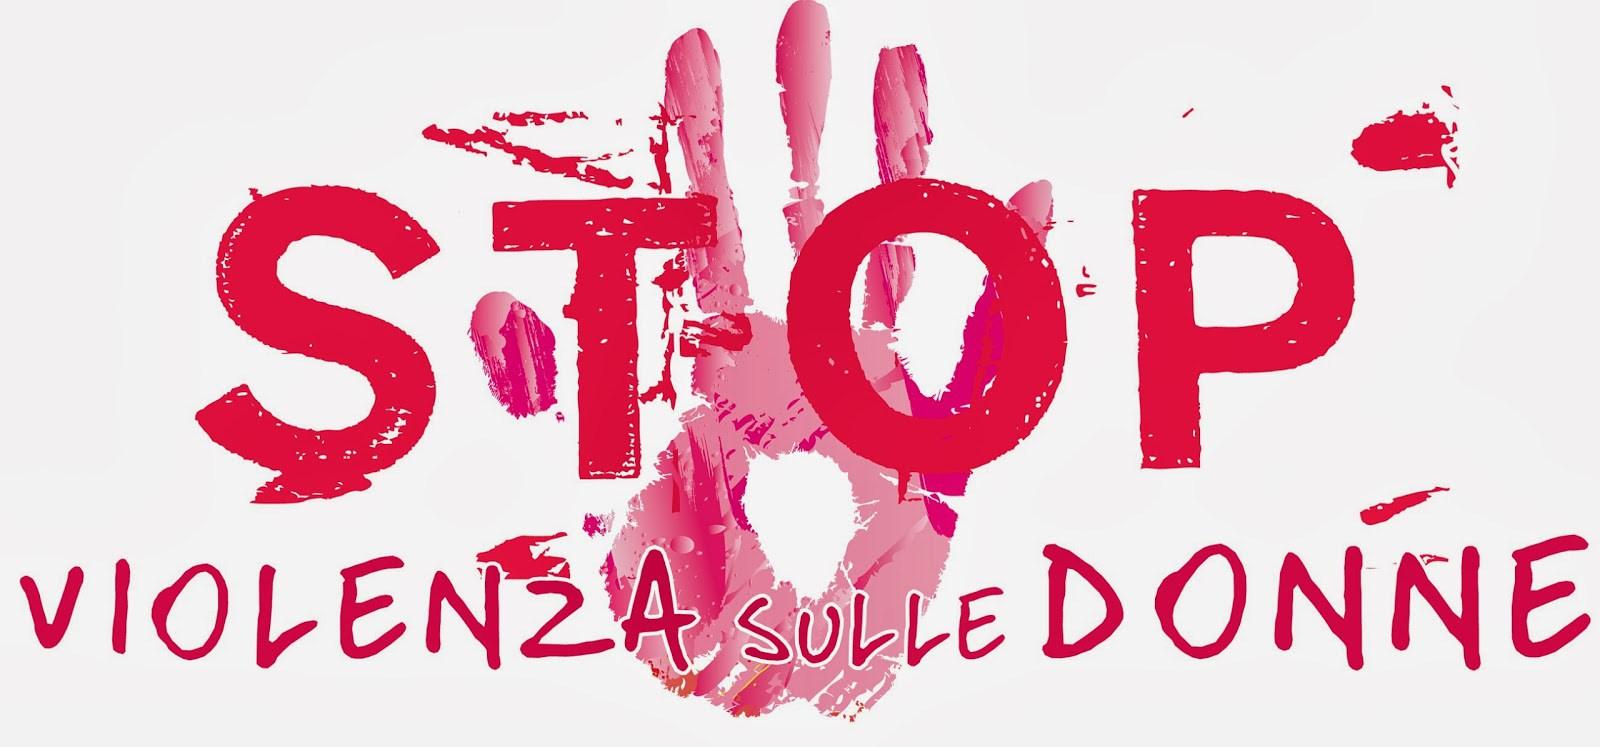 No-alla-violenza-sulle-donne.jpg